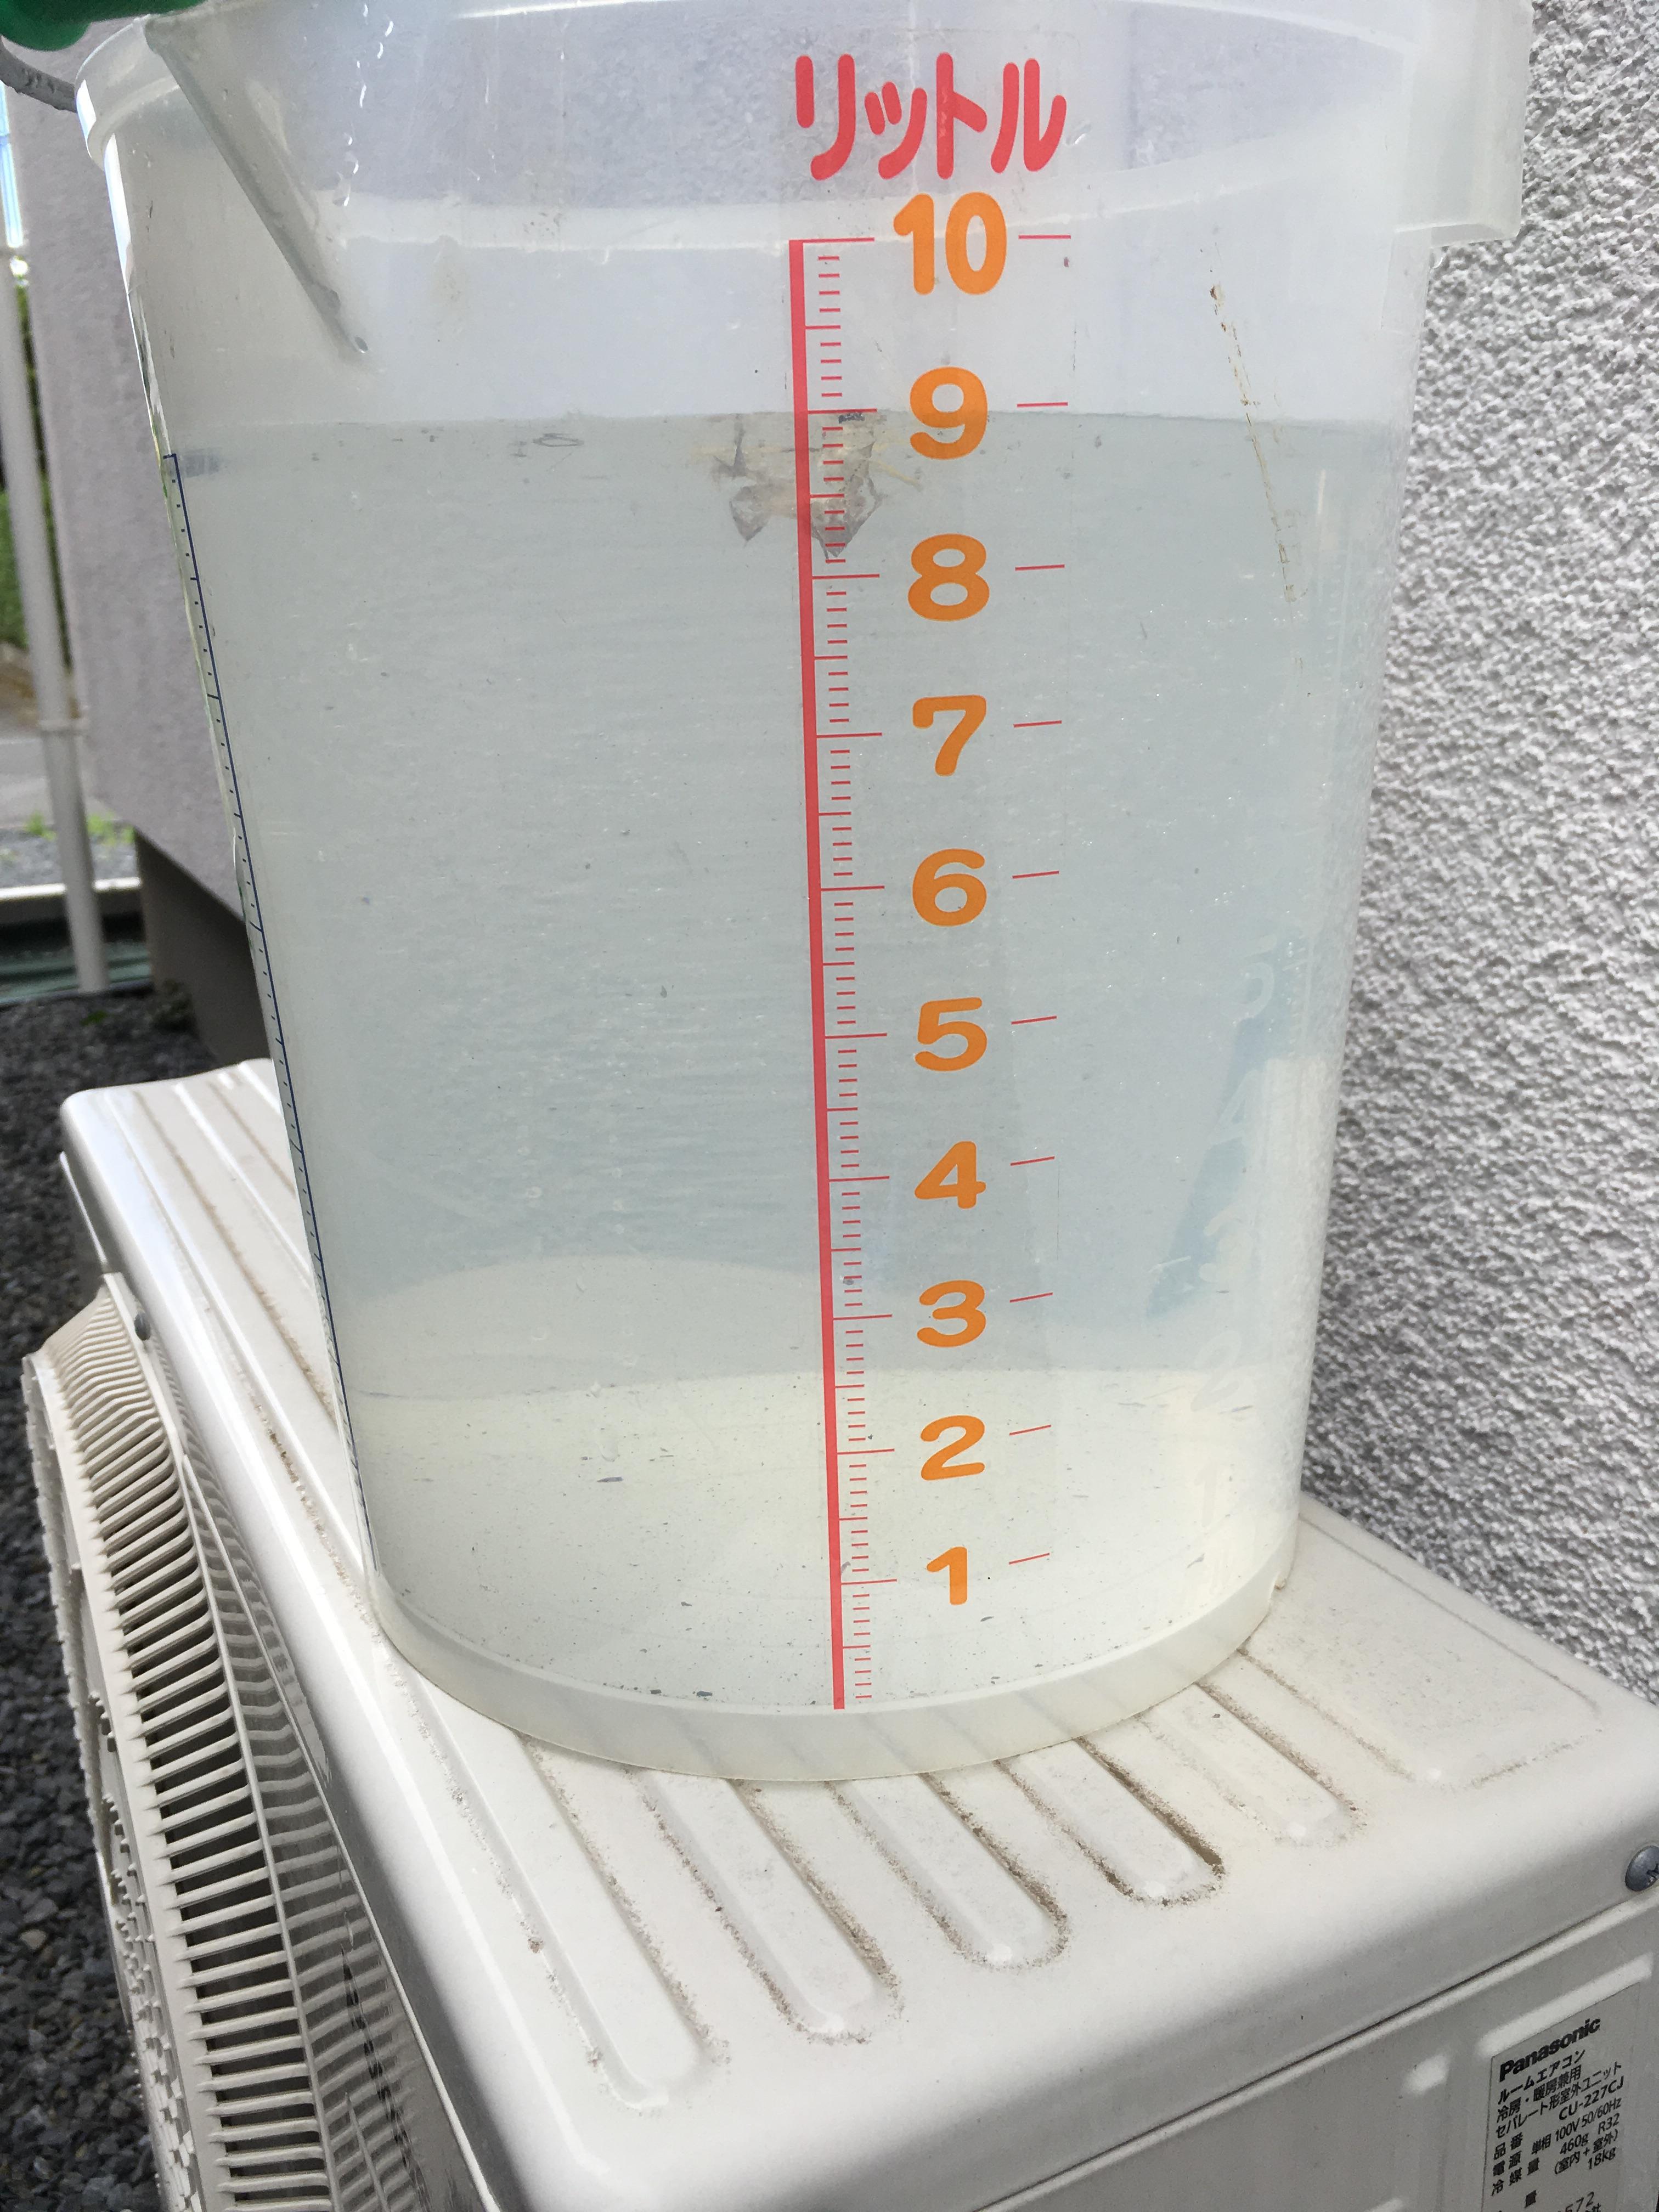 1Fエアコンの除湿9